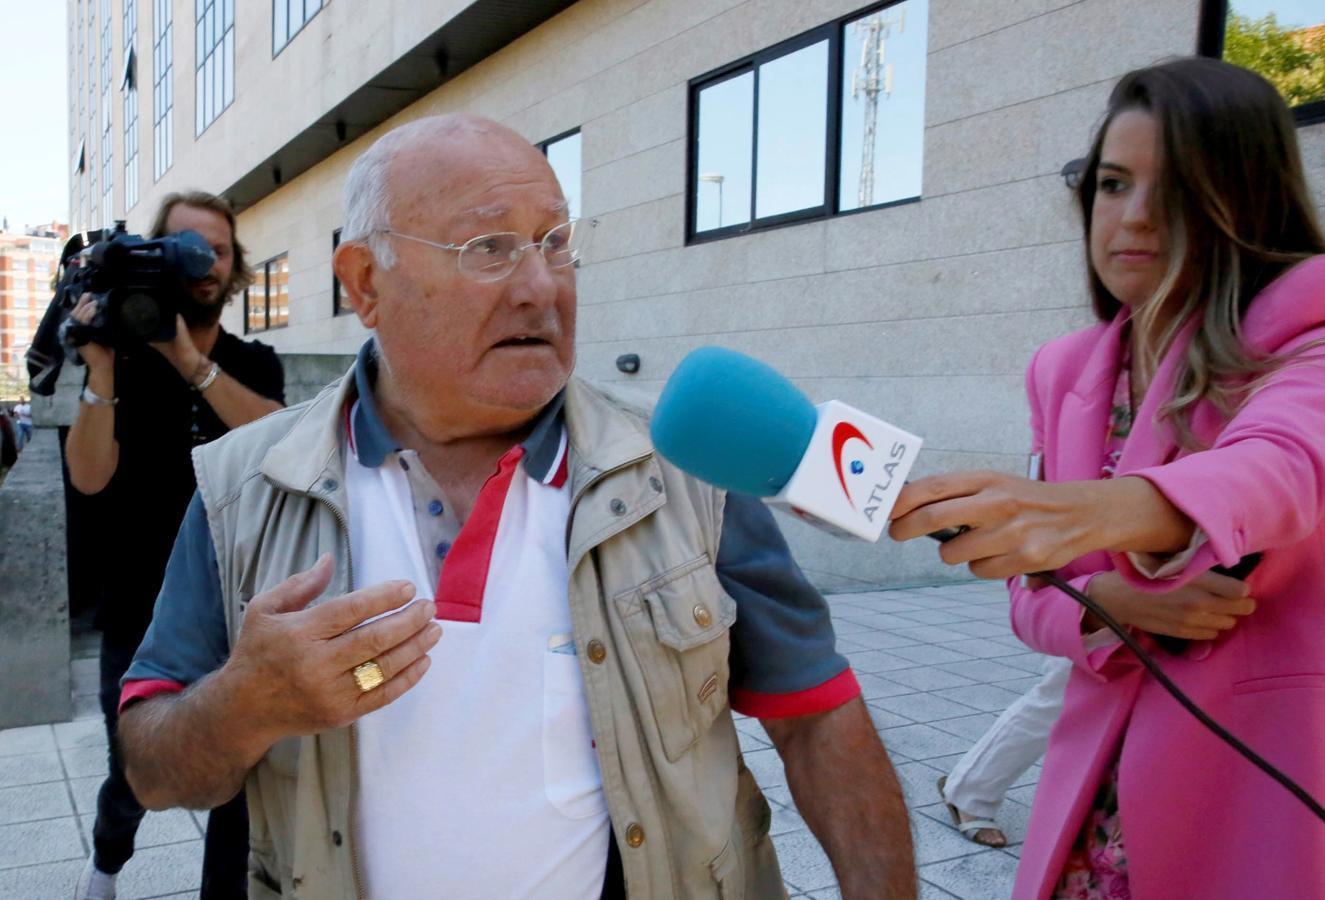 Manuel Charlín, patriarca del clan de los Charlines, a su salida del juzgado después de ser puesto en libertad con cargos, atiende a la prensa